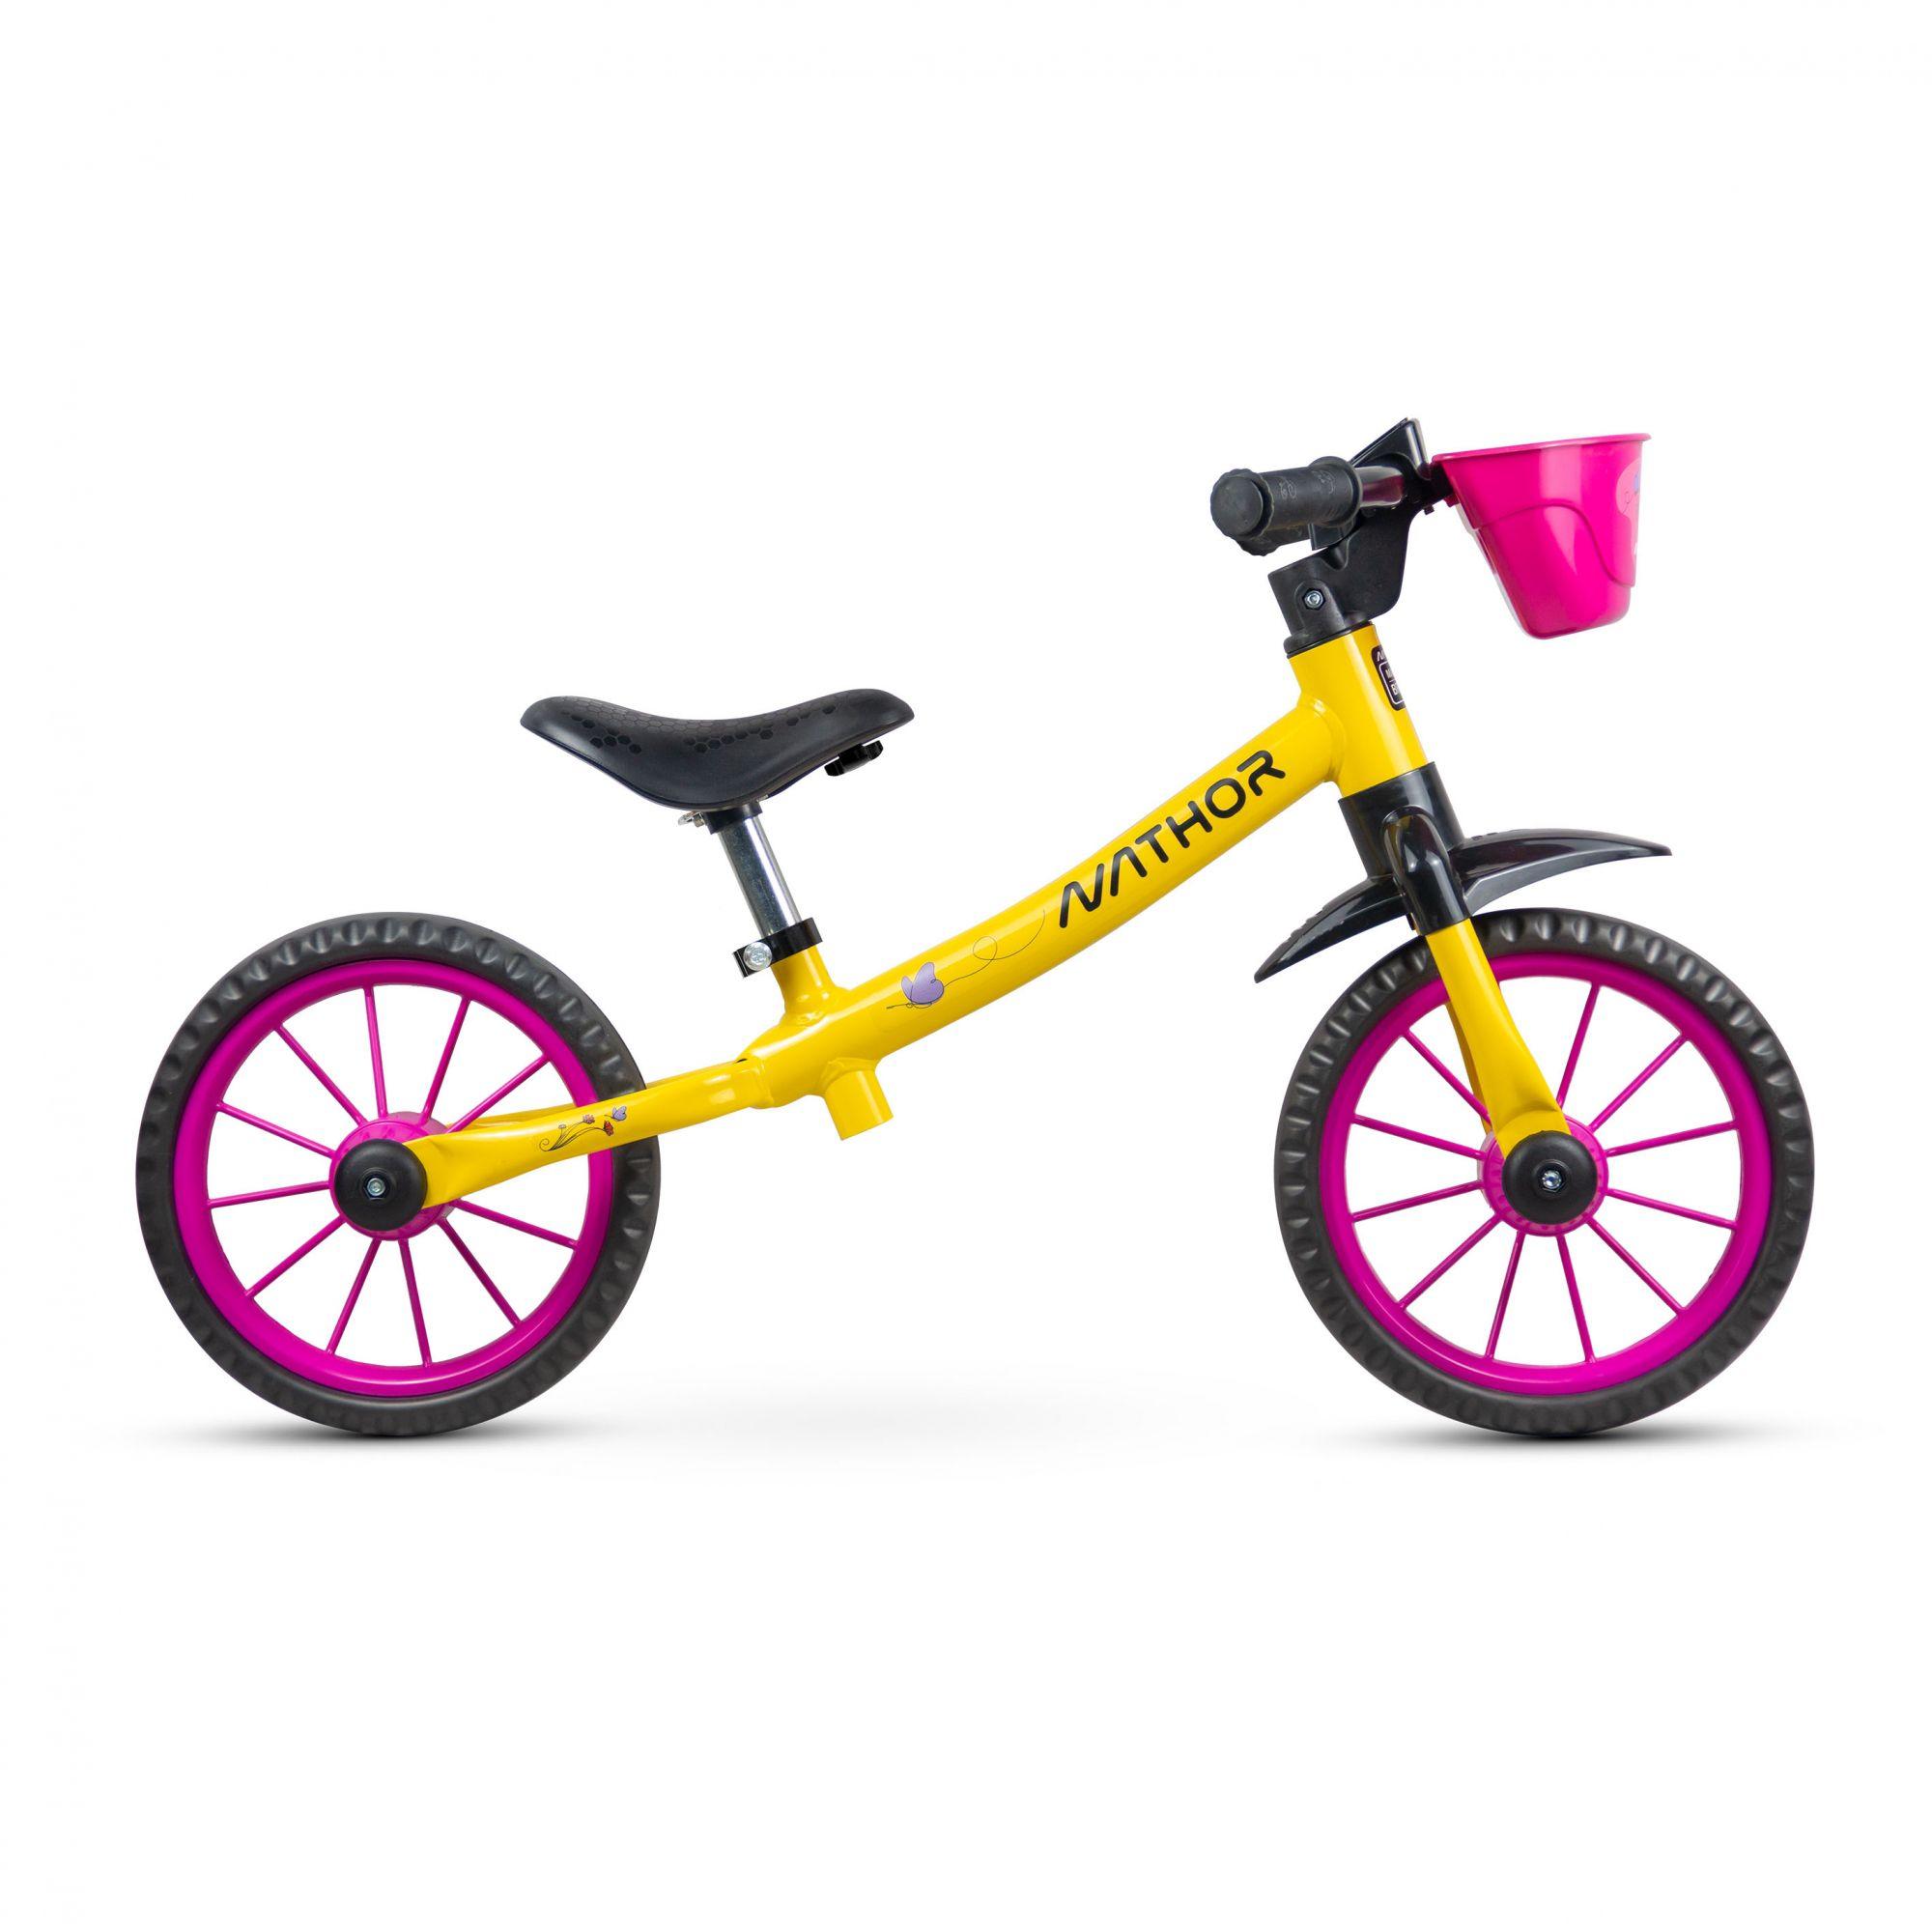 Balance Bike Garden Nathor